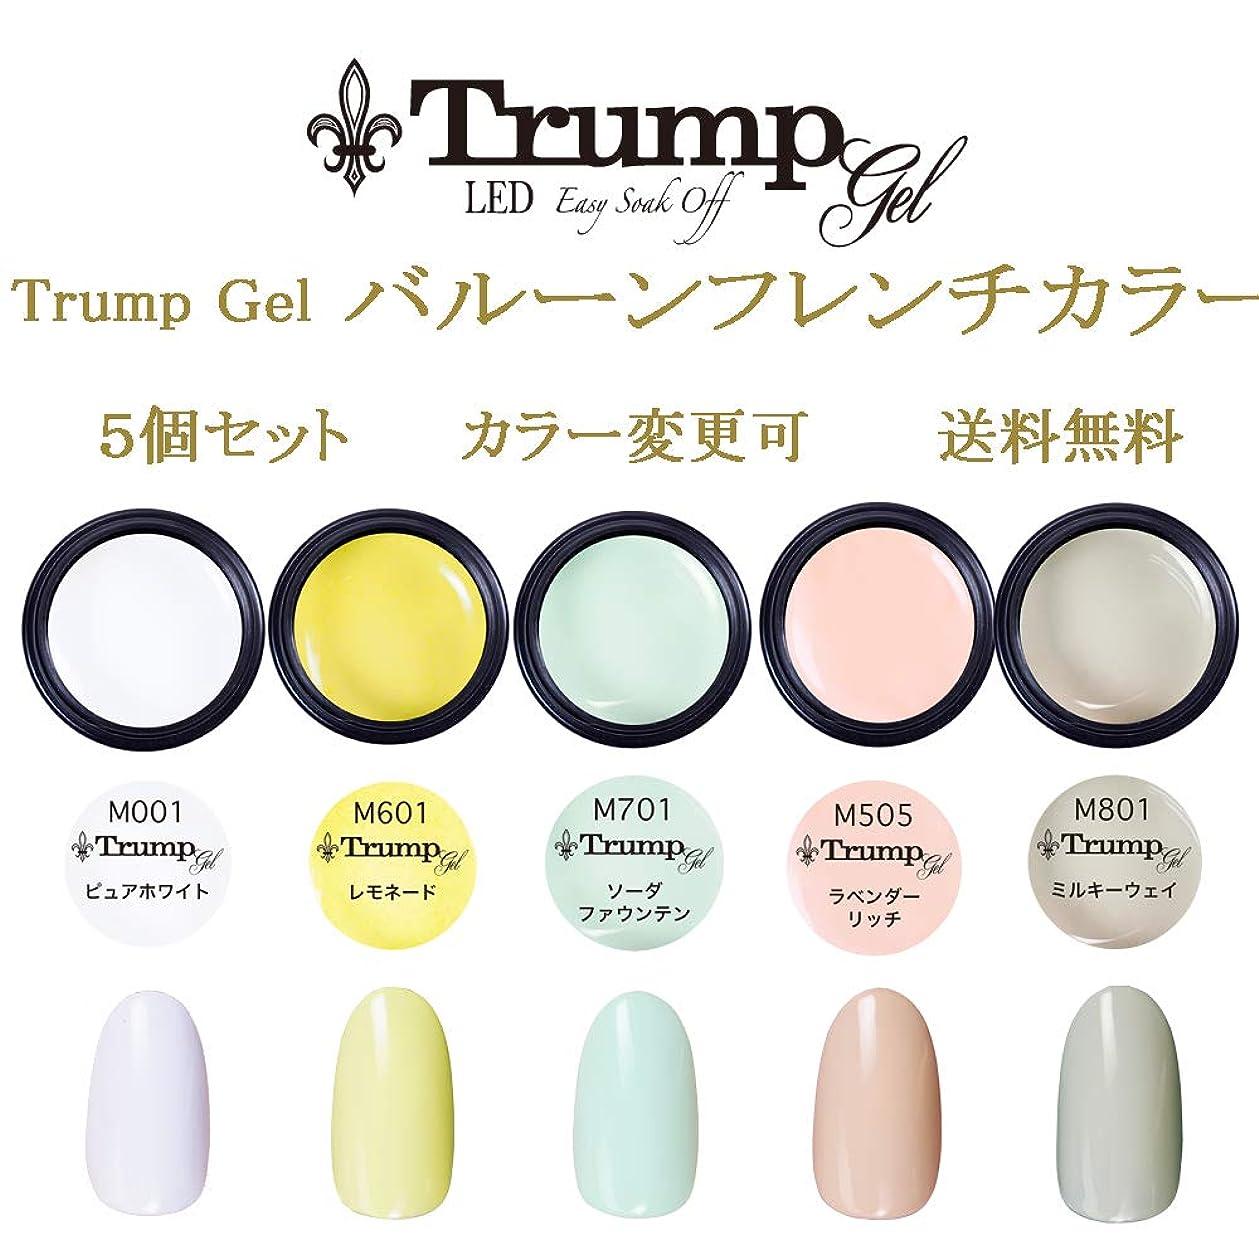 のホスト顎納屋【送料無料】Trumpバルーンフレンチカラー 選べるカラージェル5個セット